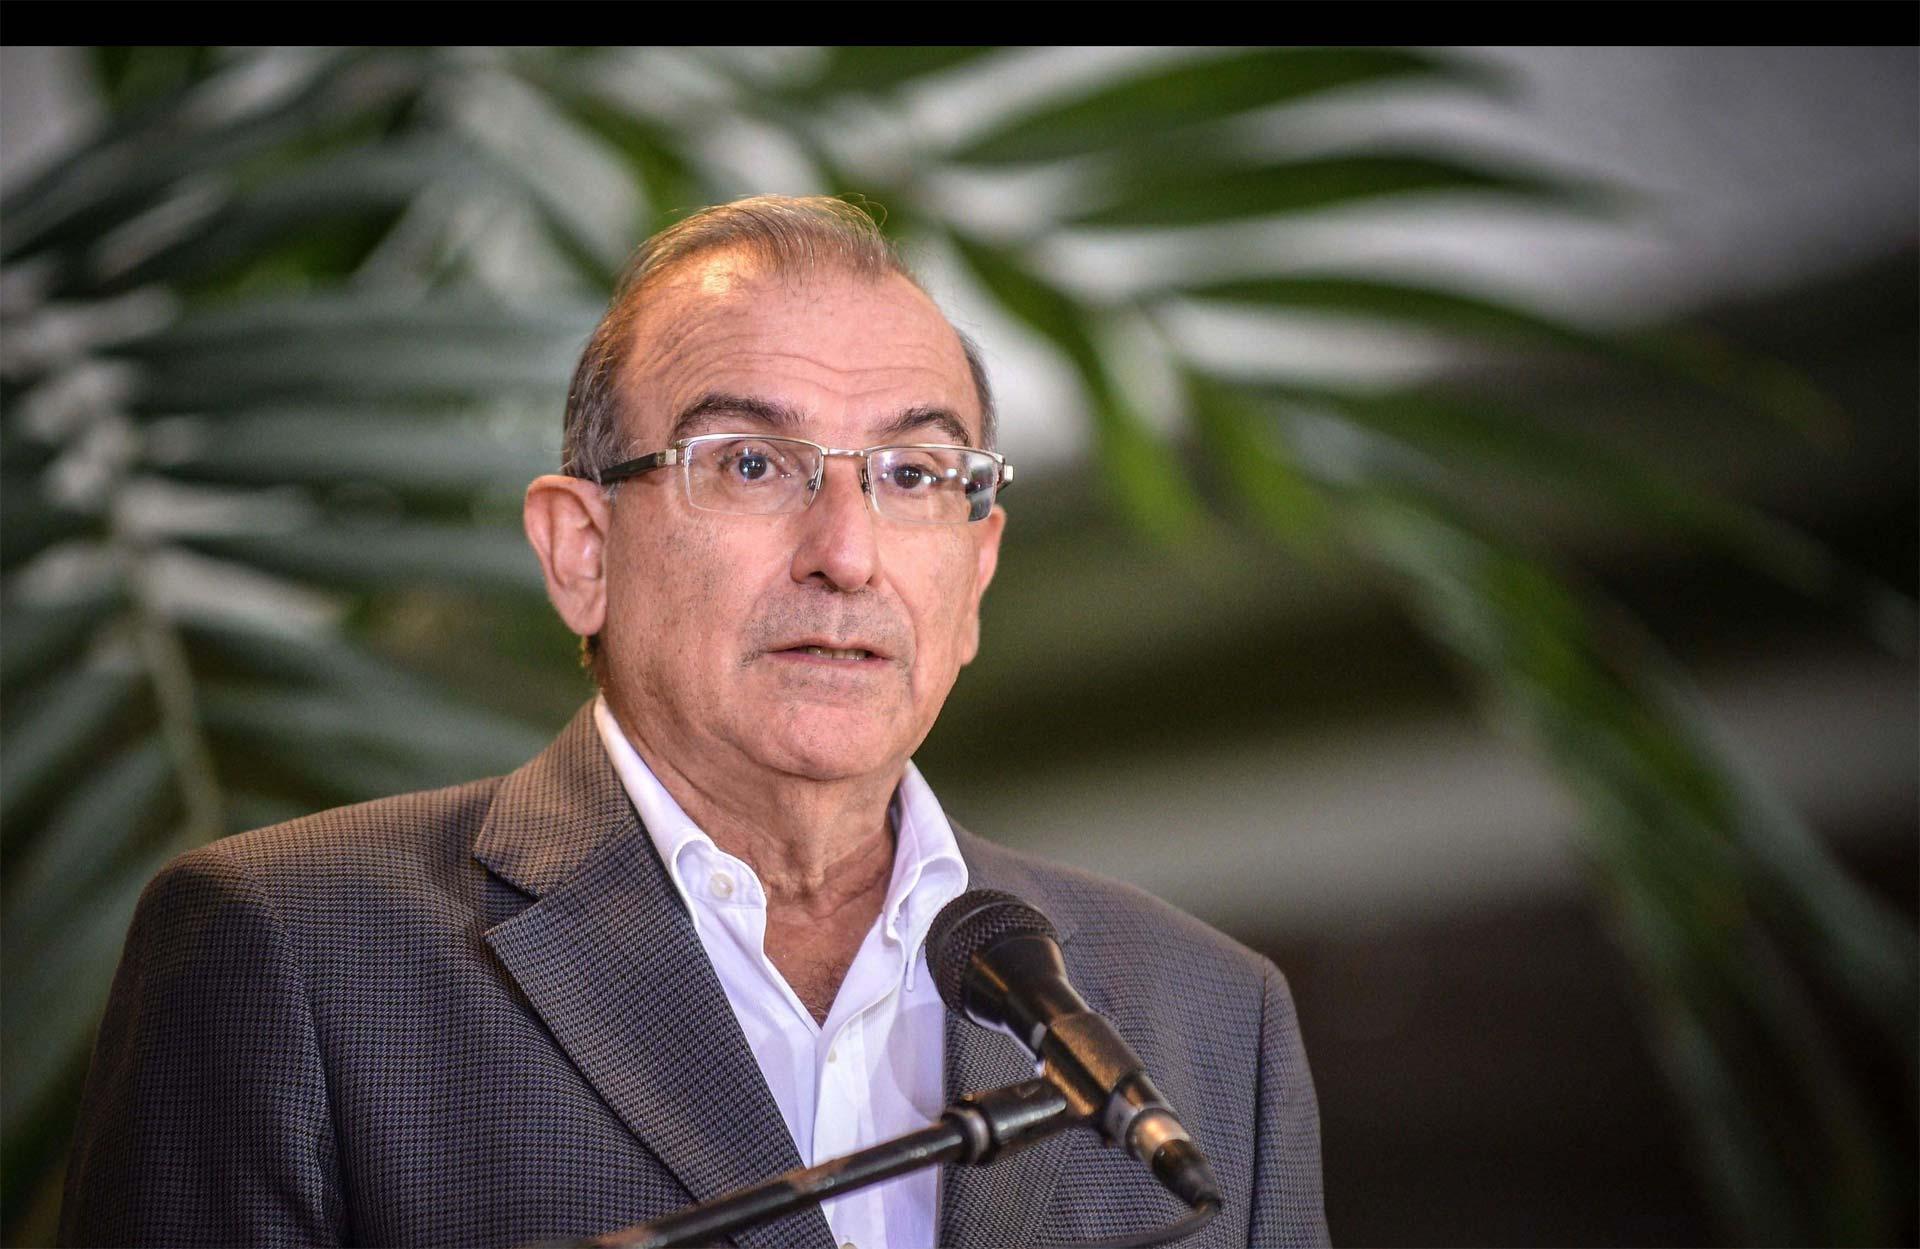 Así lo aclaró un funcionario colombiano, quien dijo que las opiniones de la guerrilla se reciben en Cuba